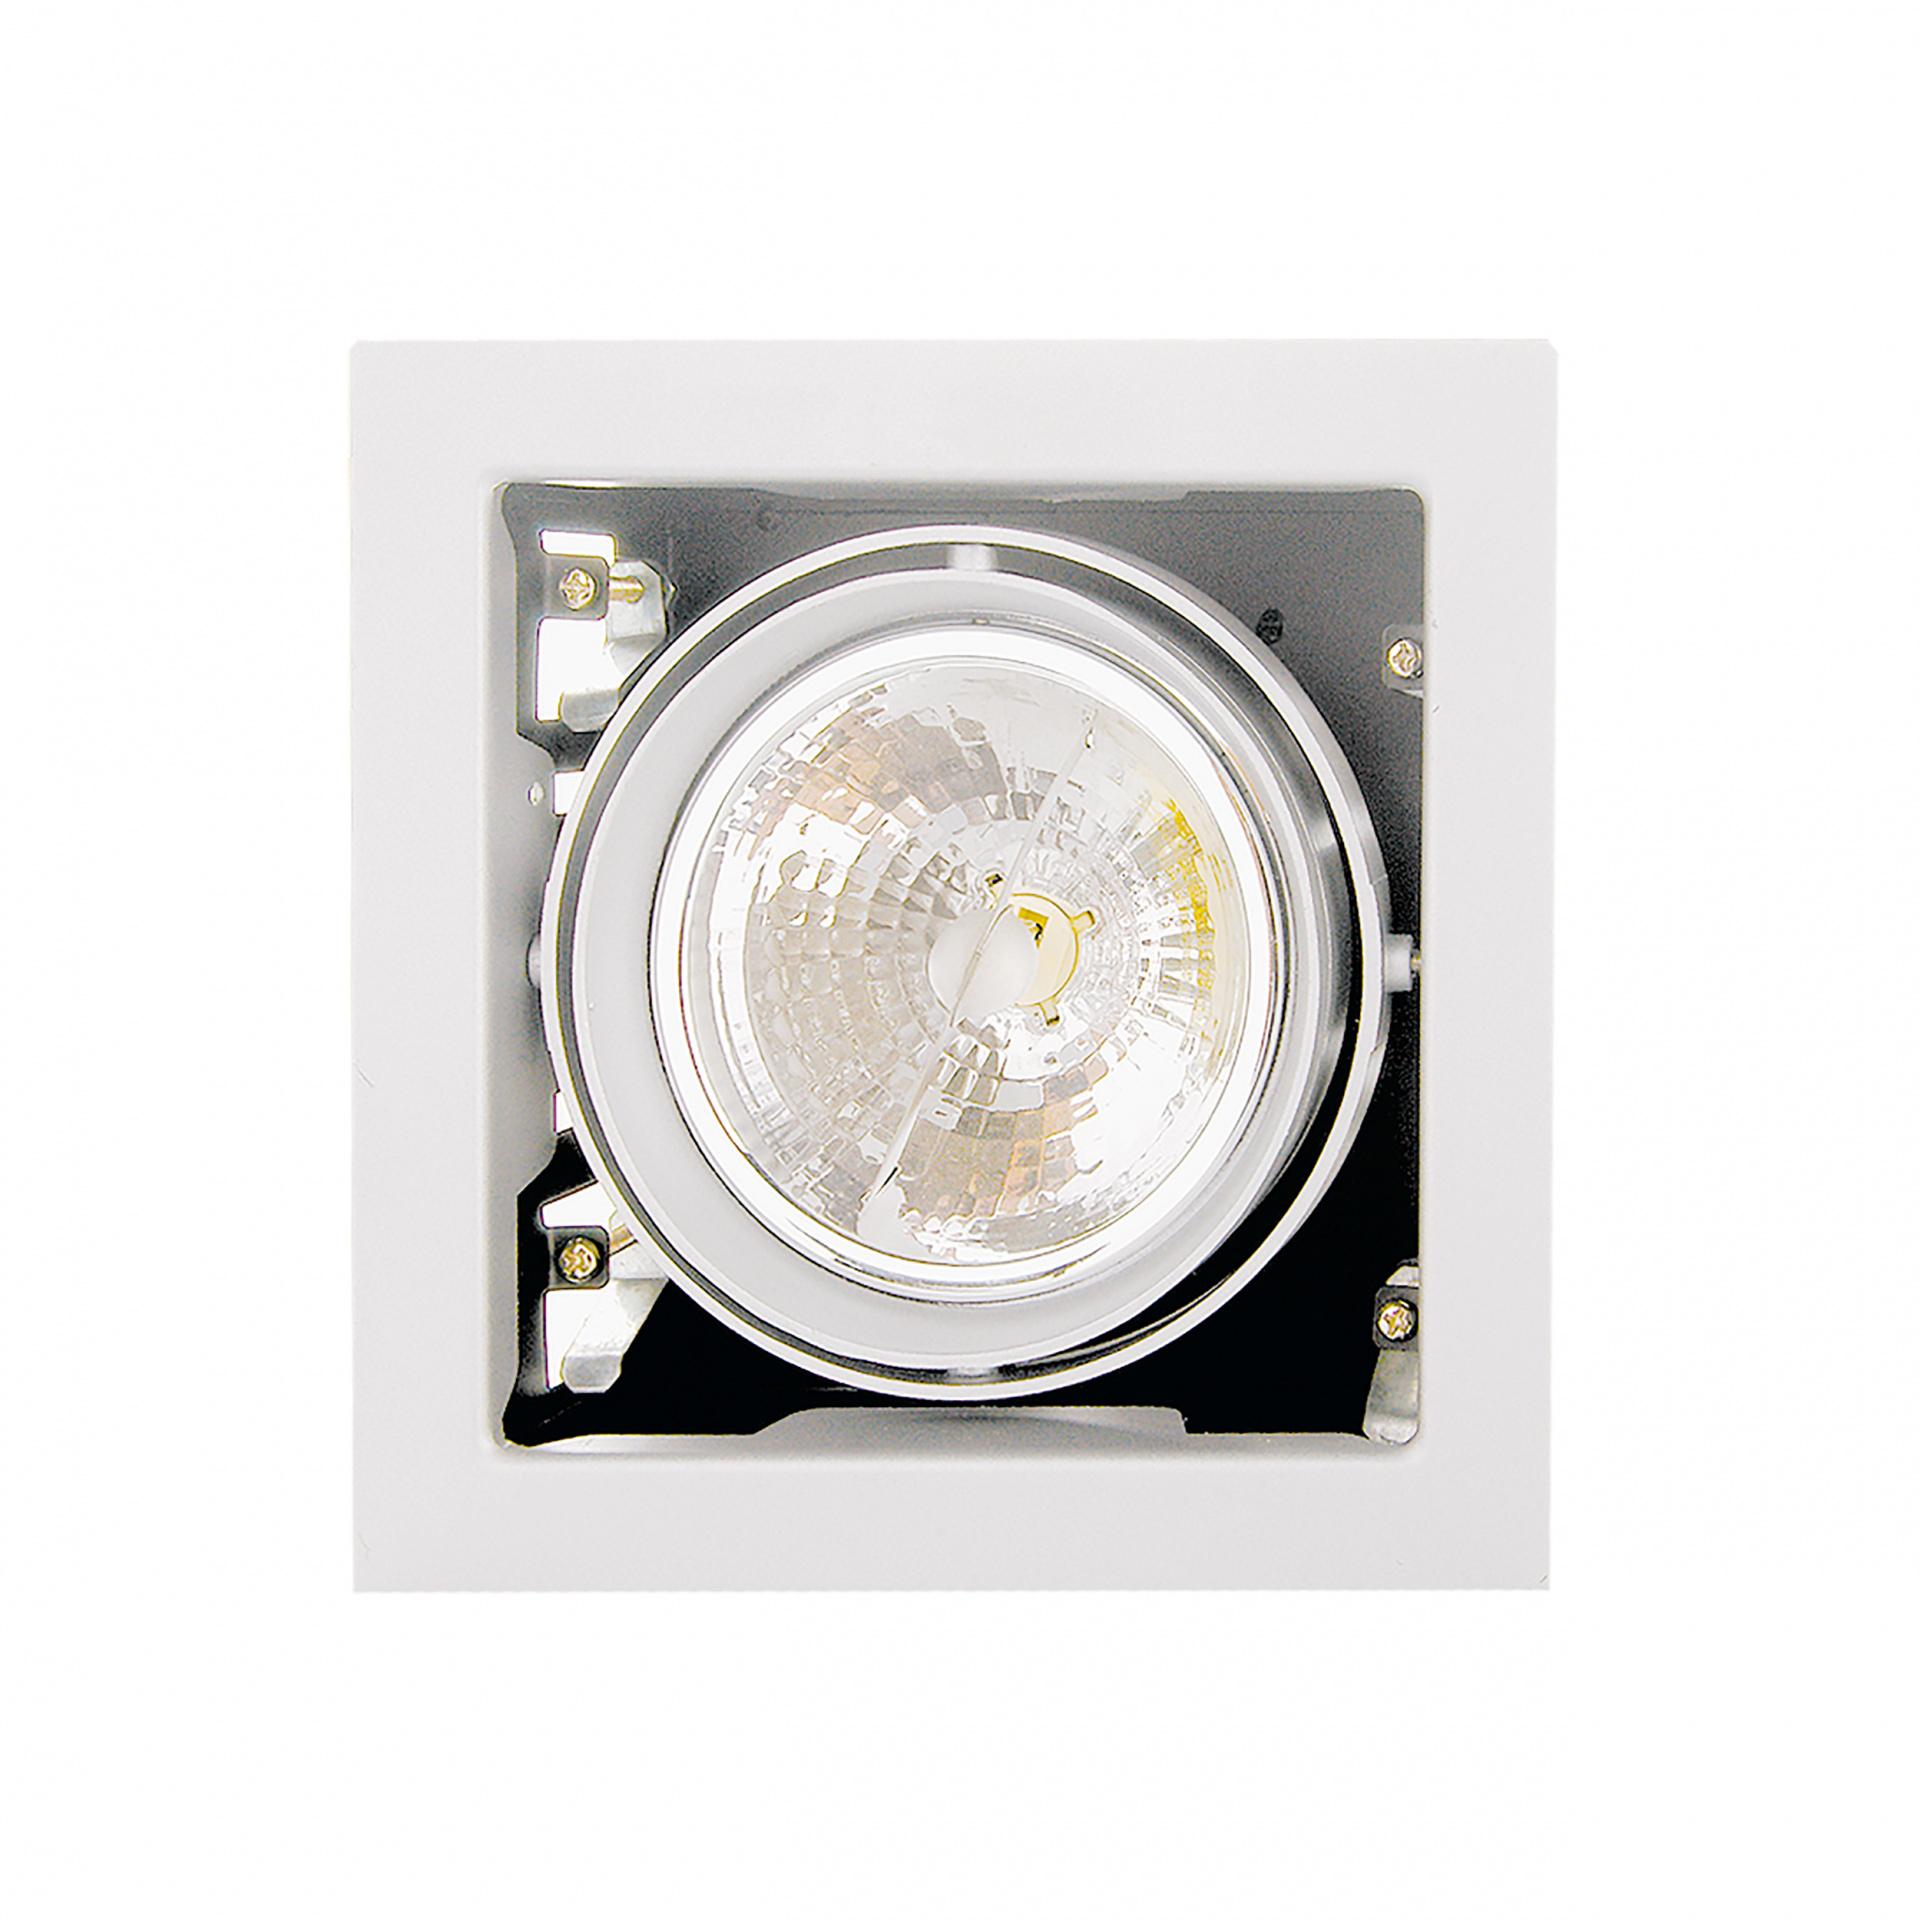 Светильник Cardano 111Х1 белый Lightstar 214110, купить в СПб, Москве, с доставкой, Санкт-Петербург, интернет-магазин люстр и светильников Starlight, фото в жизни